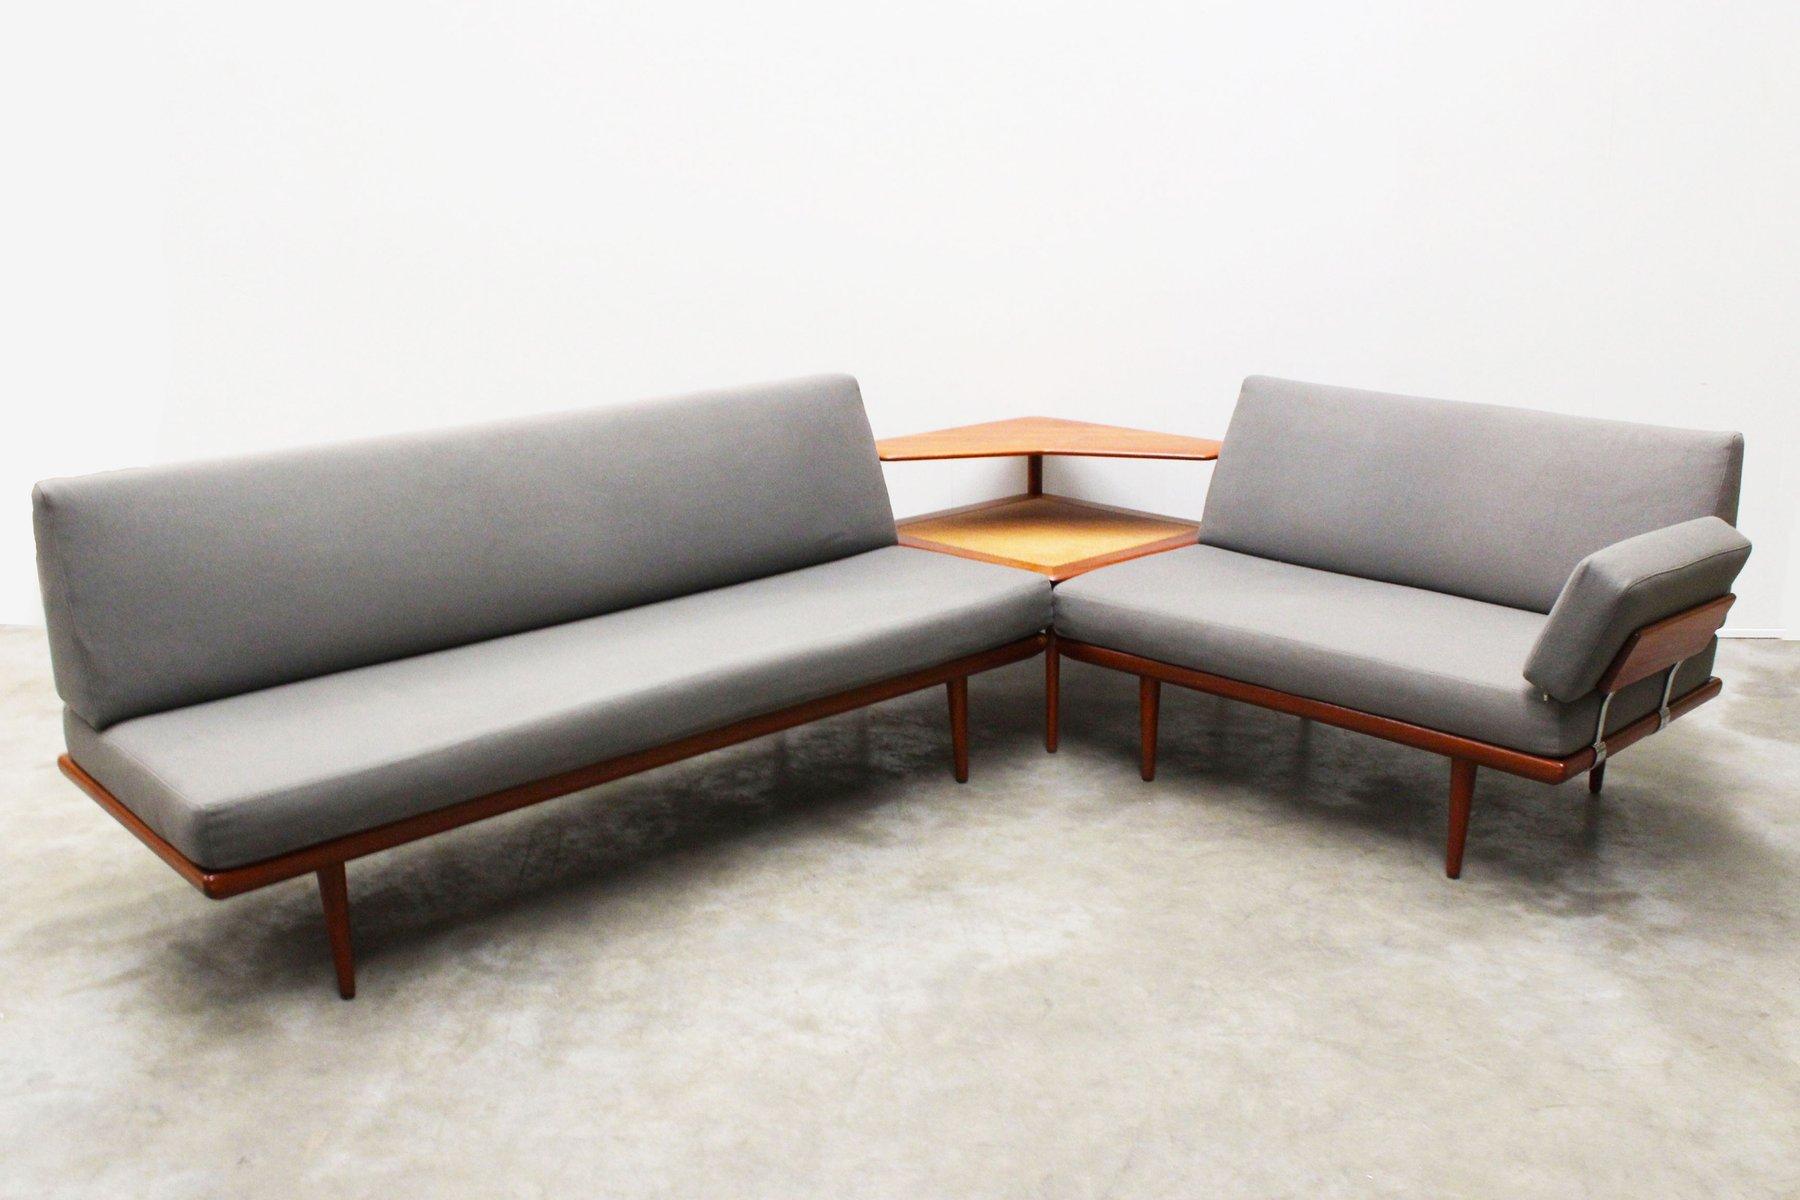 minerva sofa set von peter hvidt orla m lgaard nielsen f r france s n 1960er bei pamono kaufen. Black Bedroom Furniture Sets. Home Design Ideas